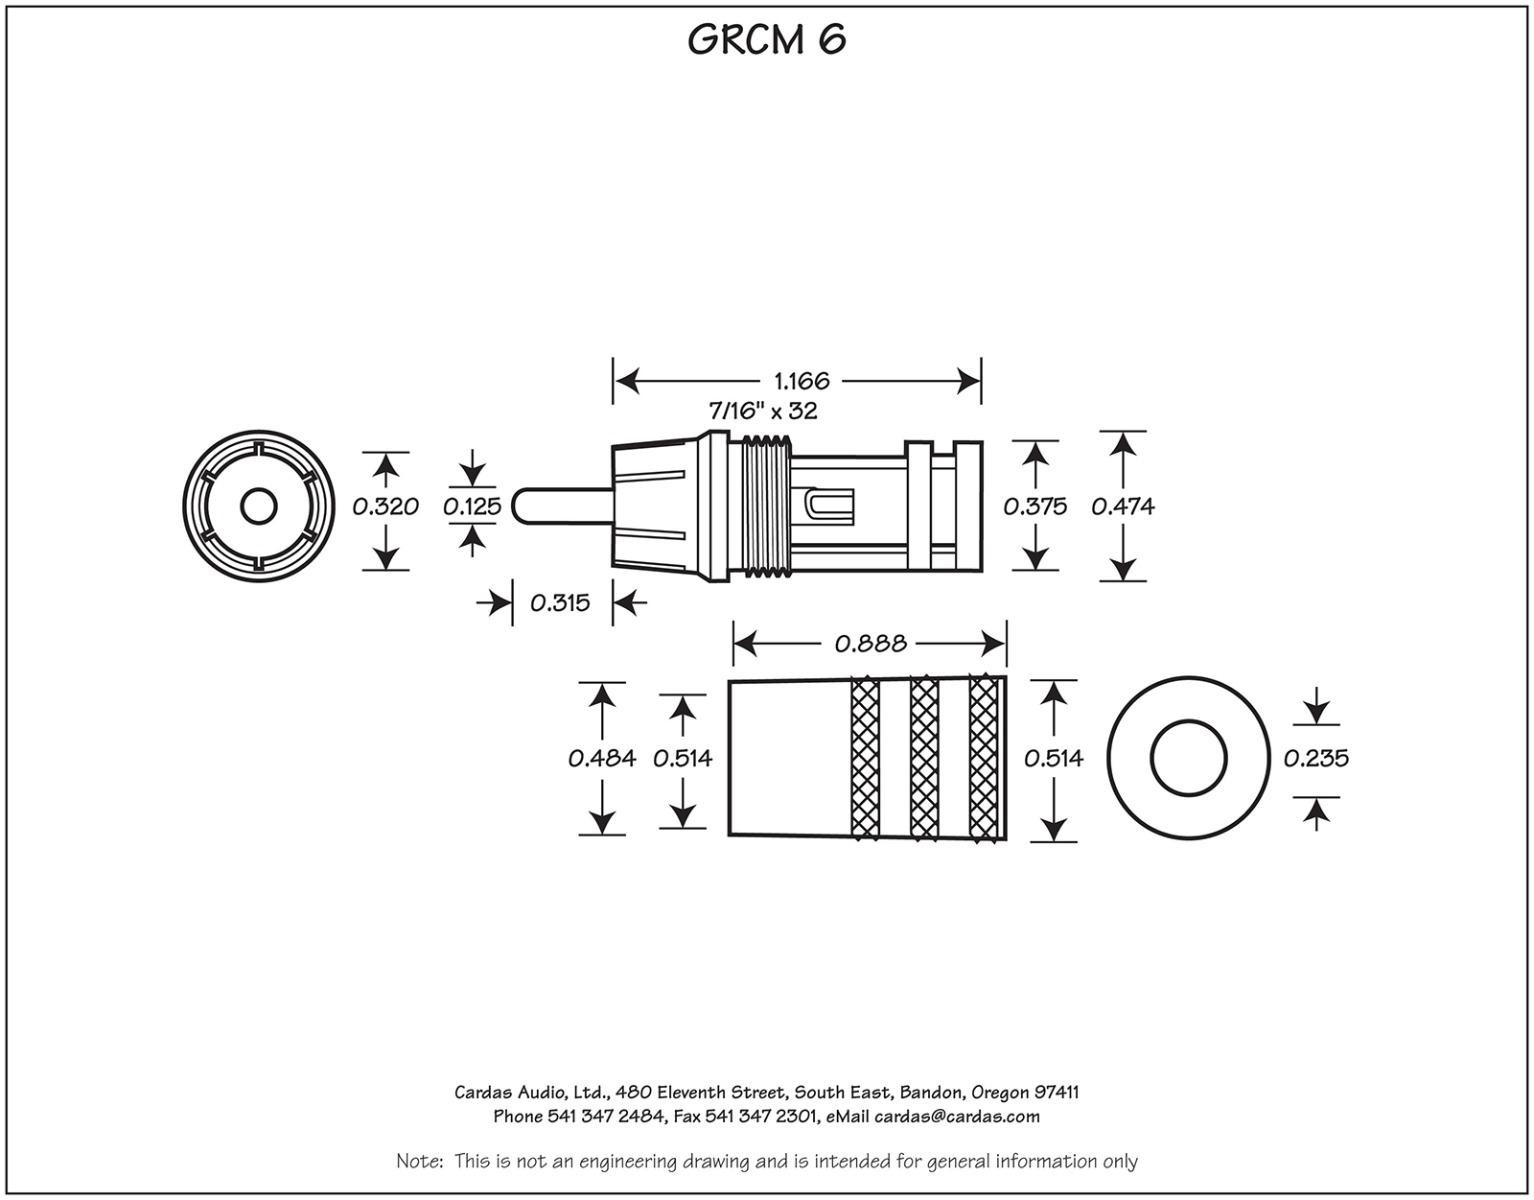 Cardas GRCM 6 Male RCA Plug Dimensions